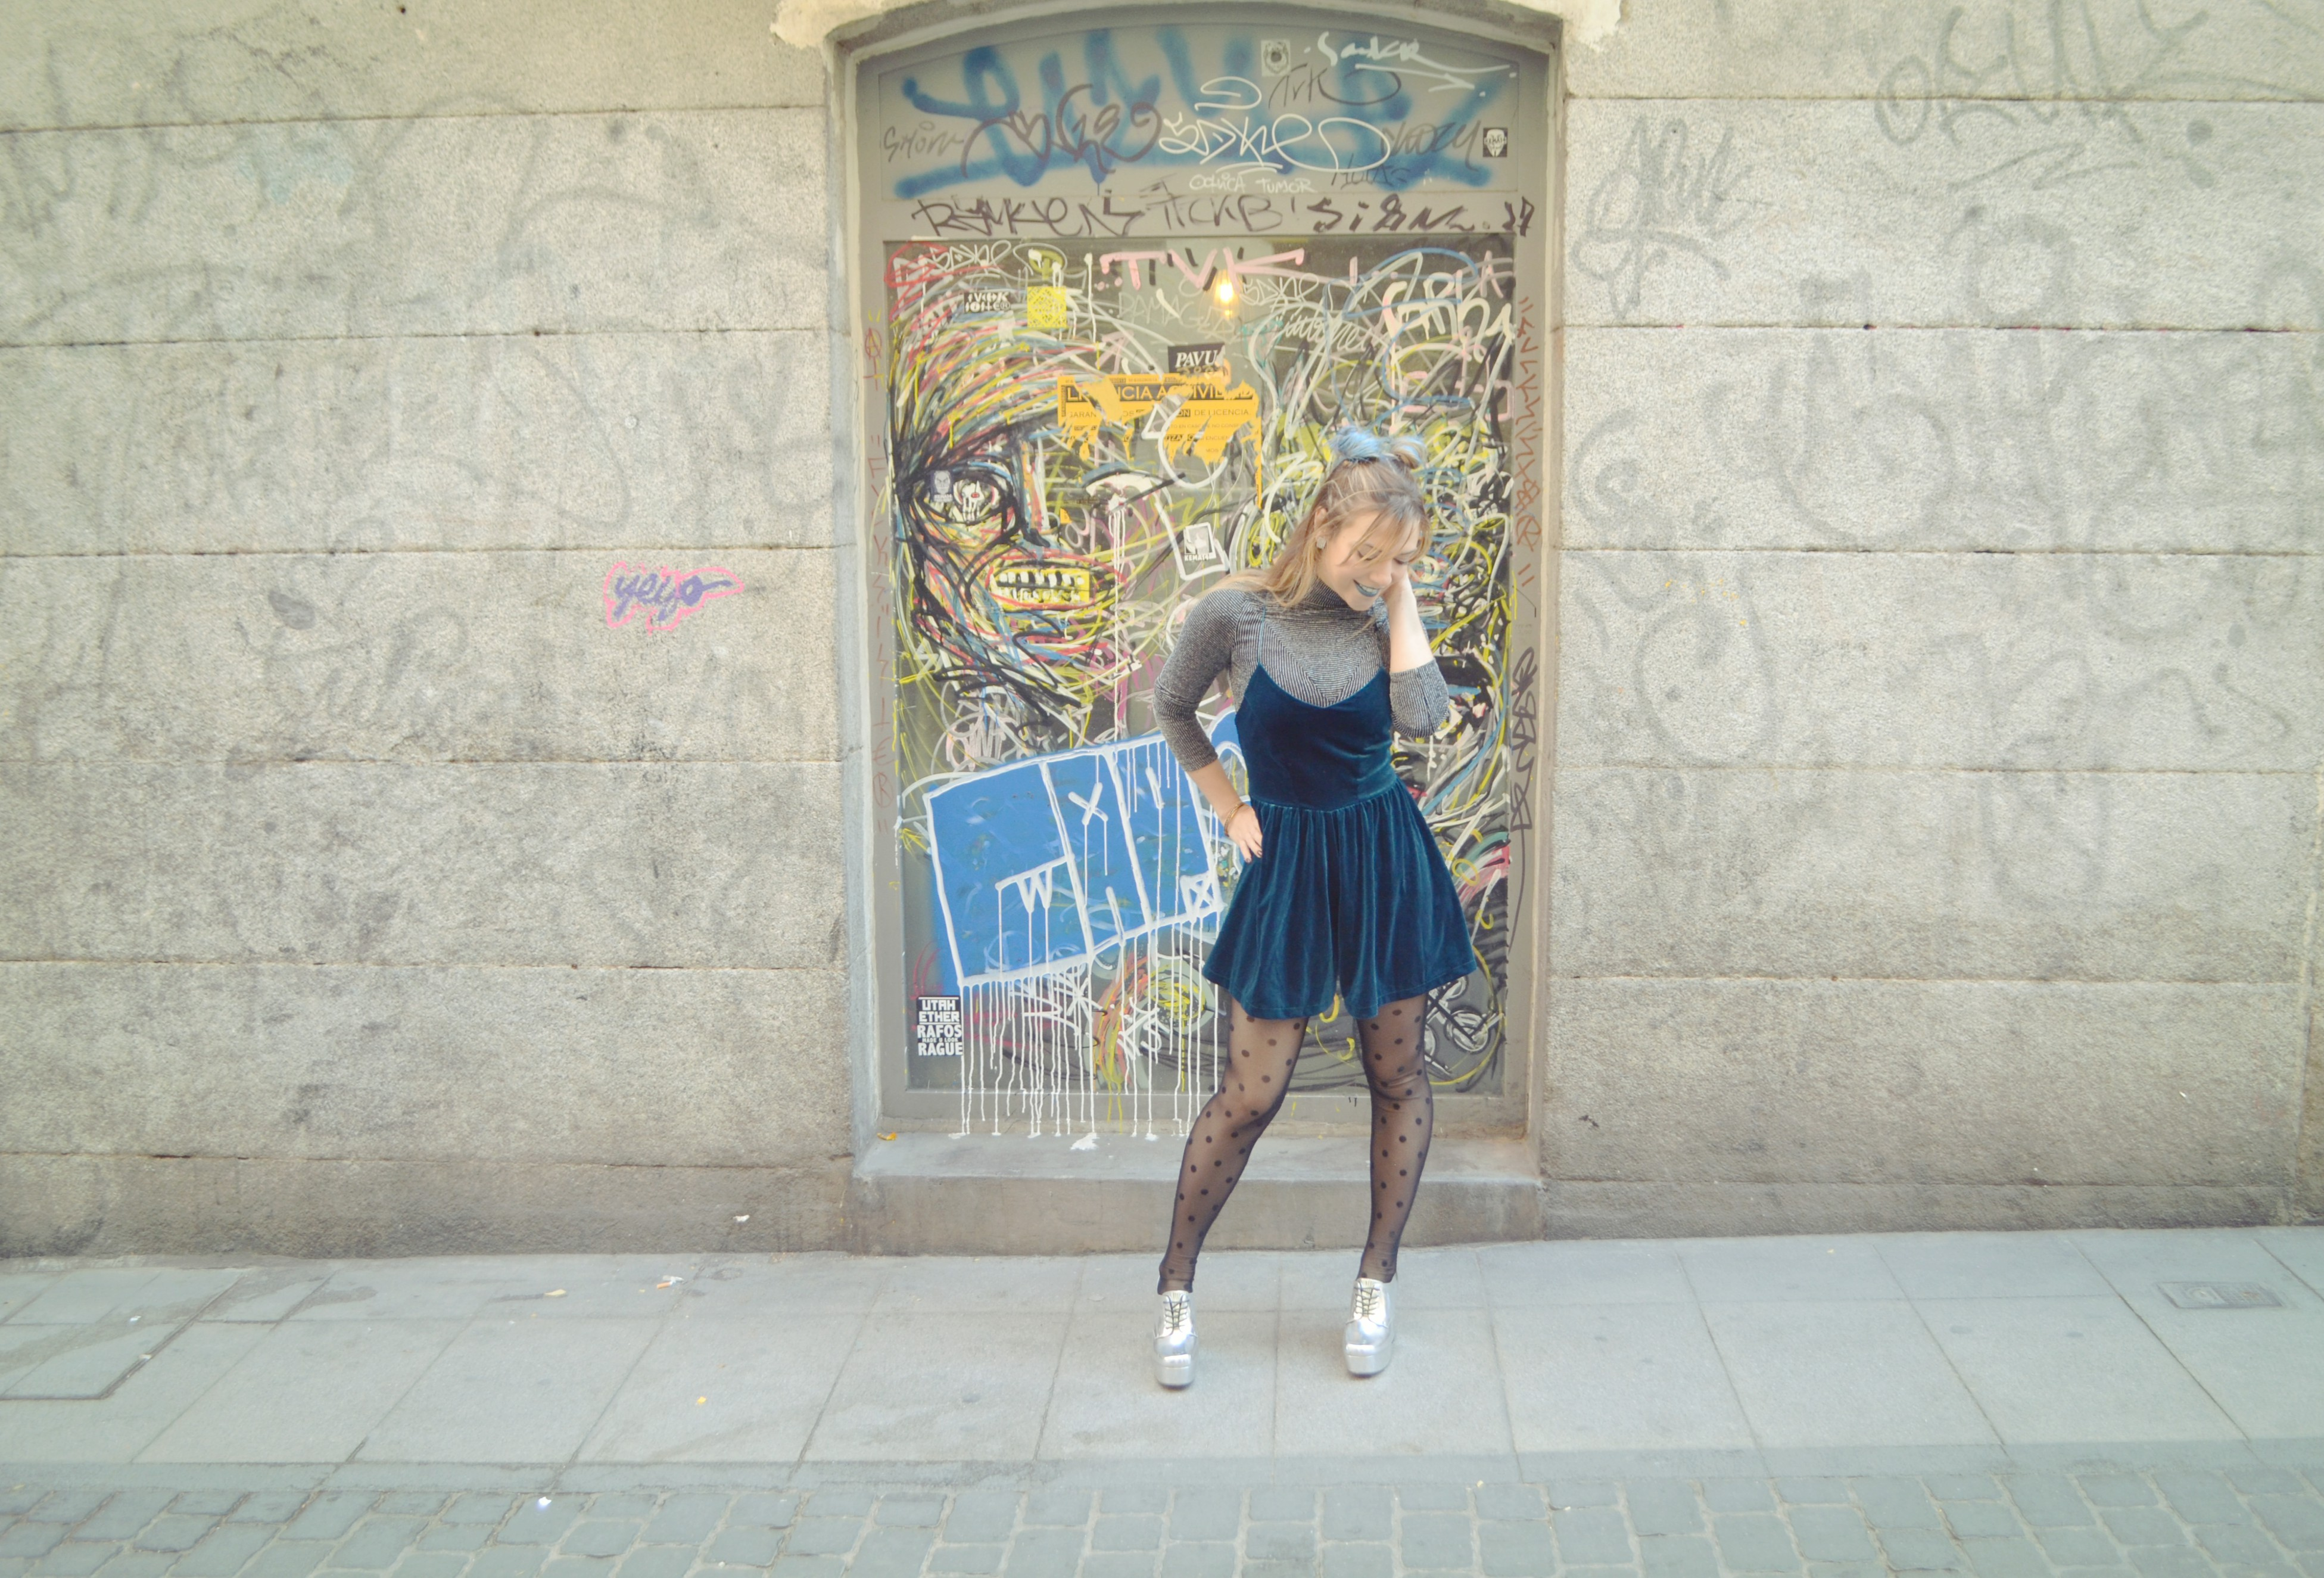 ChicAdicta-blog-de-moda-Chic-Adicta-influencer-madrid-medias-de-topitos-mono-azul-look-de-primavera-silver-outfit-PiensaenChic-Piensa-en-Chic